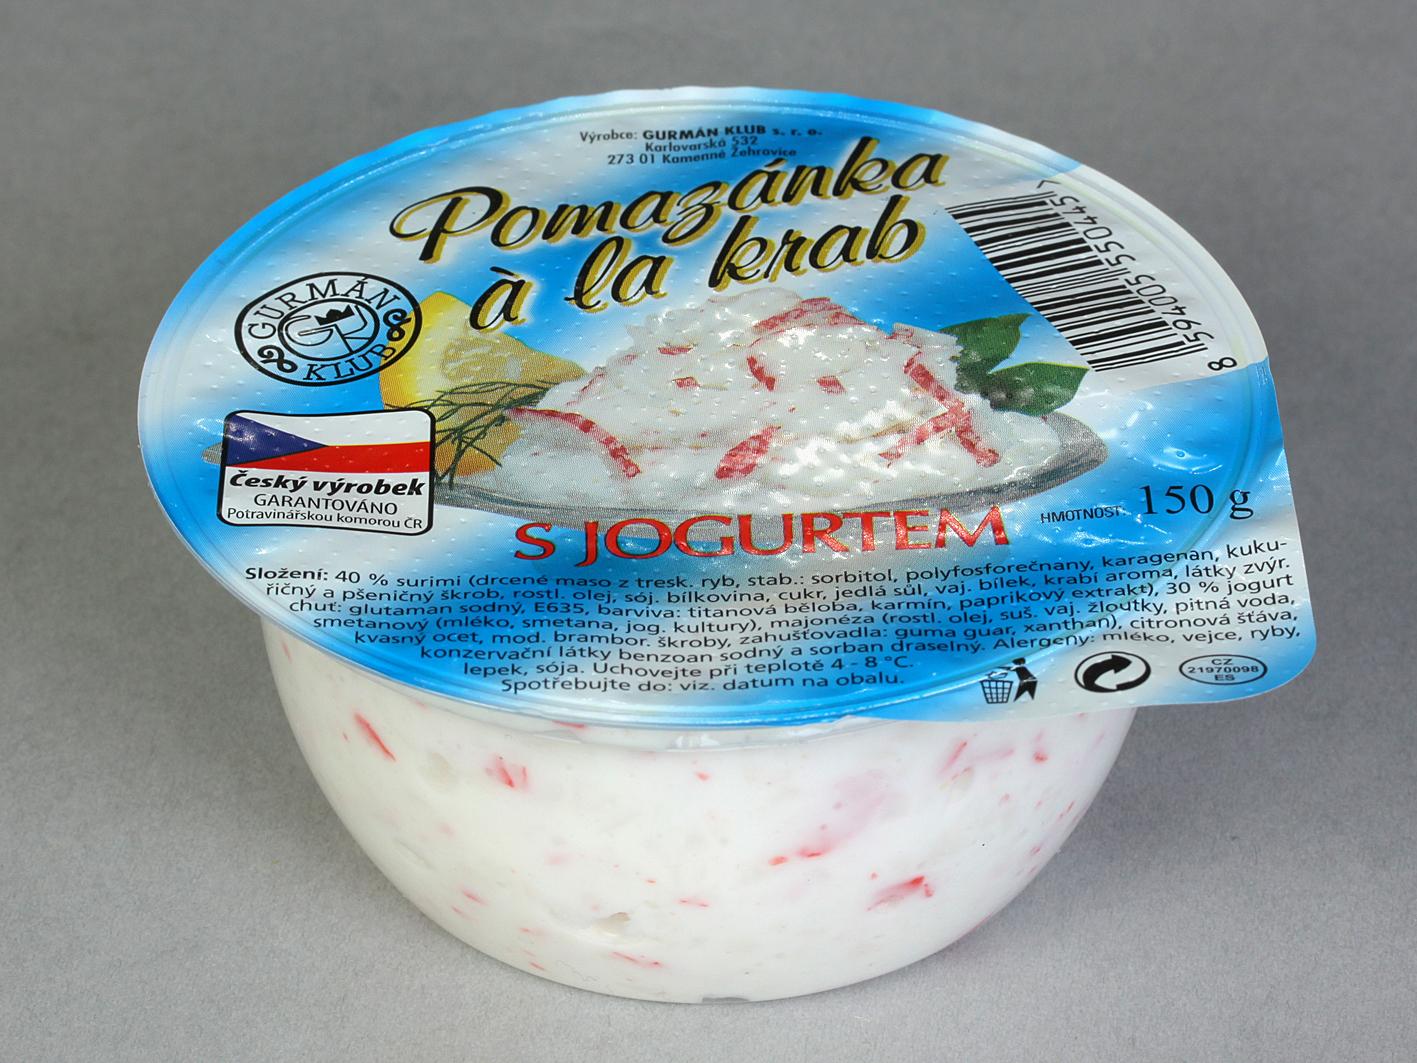 Značka Pomazánka á la krab s jogurtem 150g